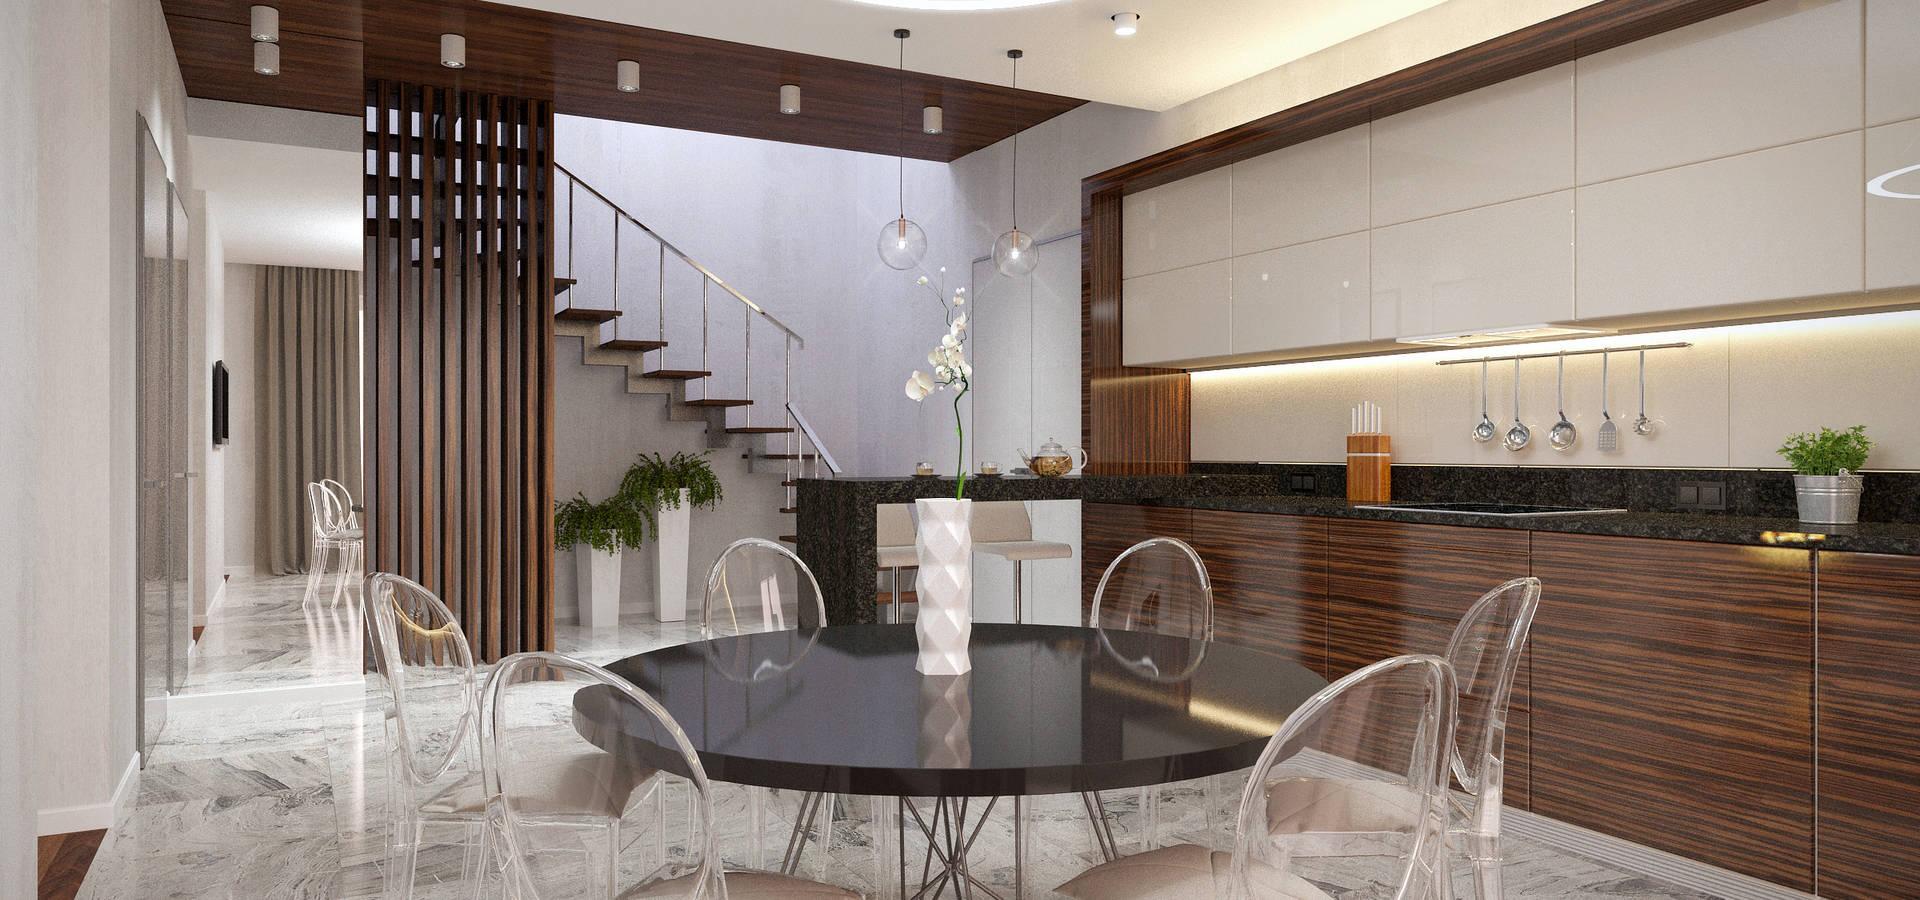 Архитектурно-строительное бюро ID Craft